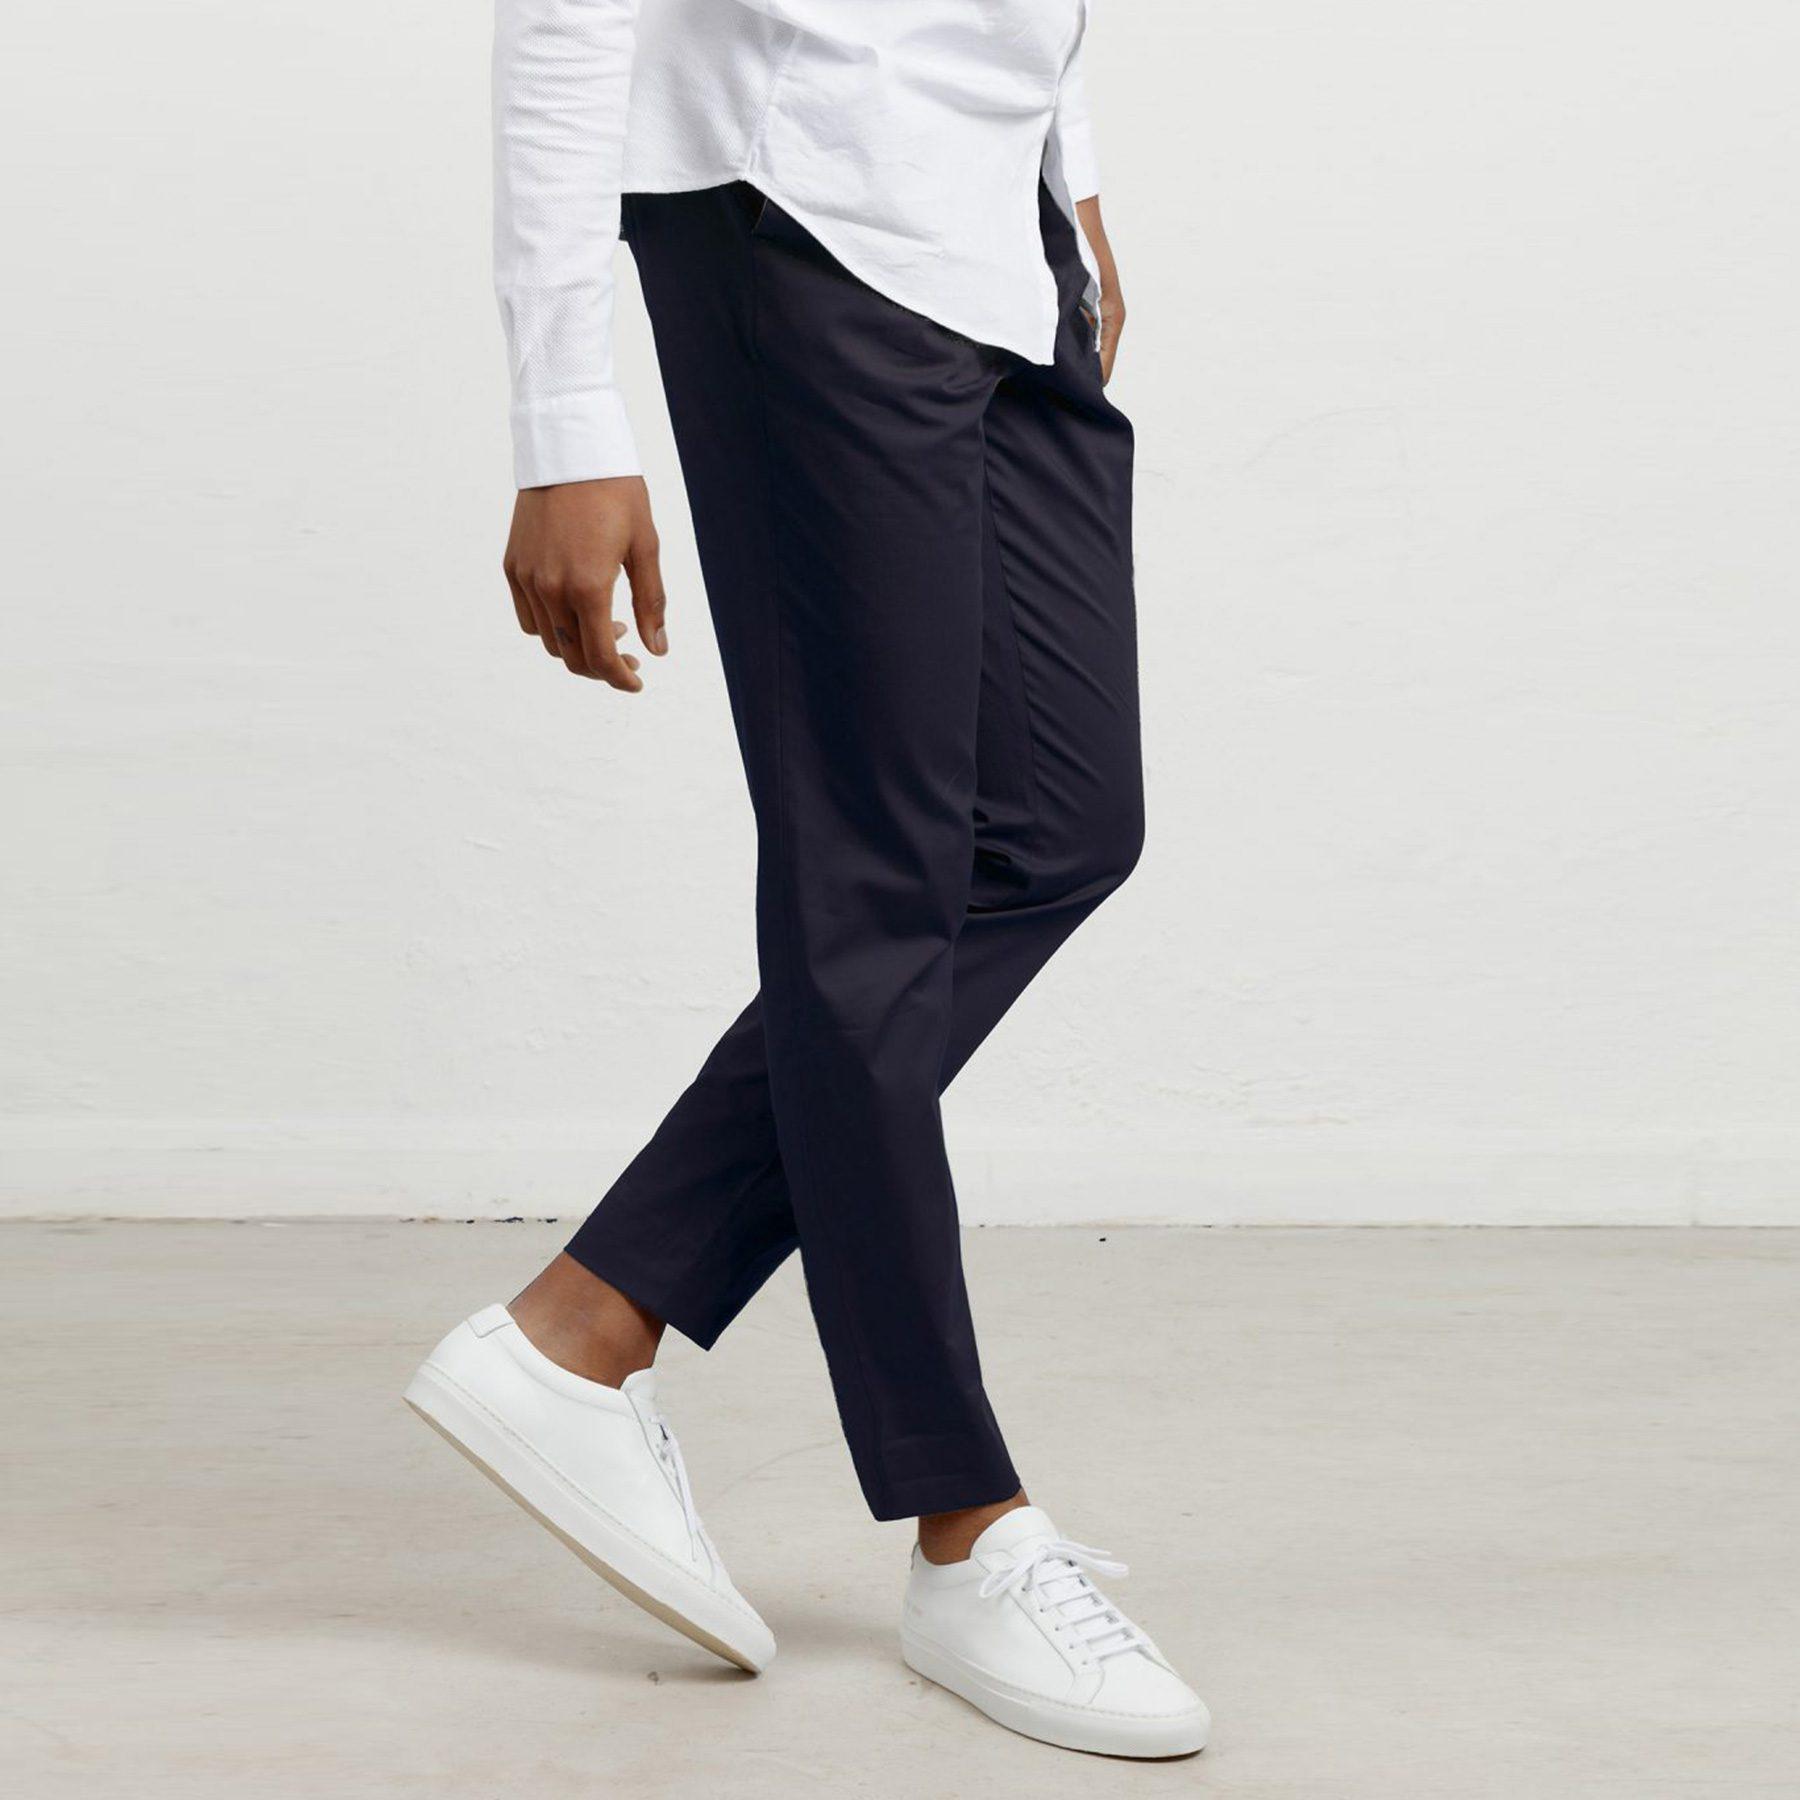 LEstrange-London-24-Trousers